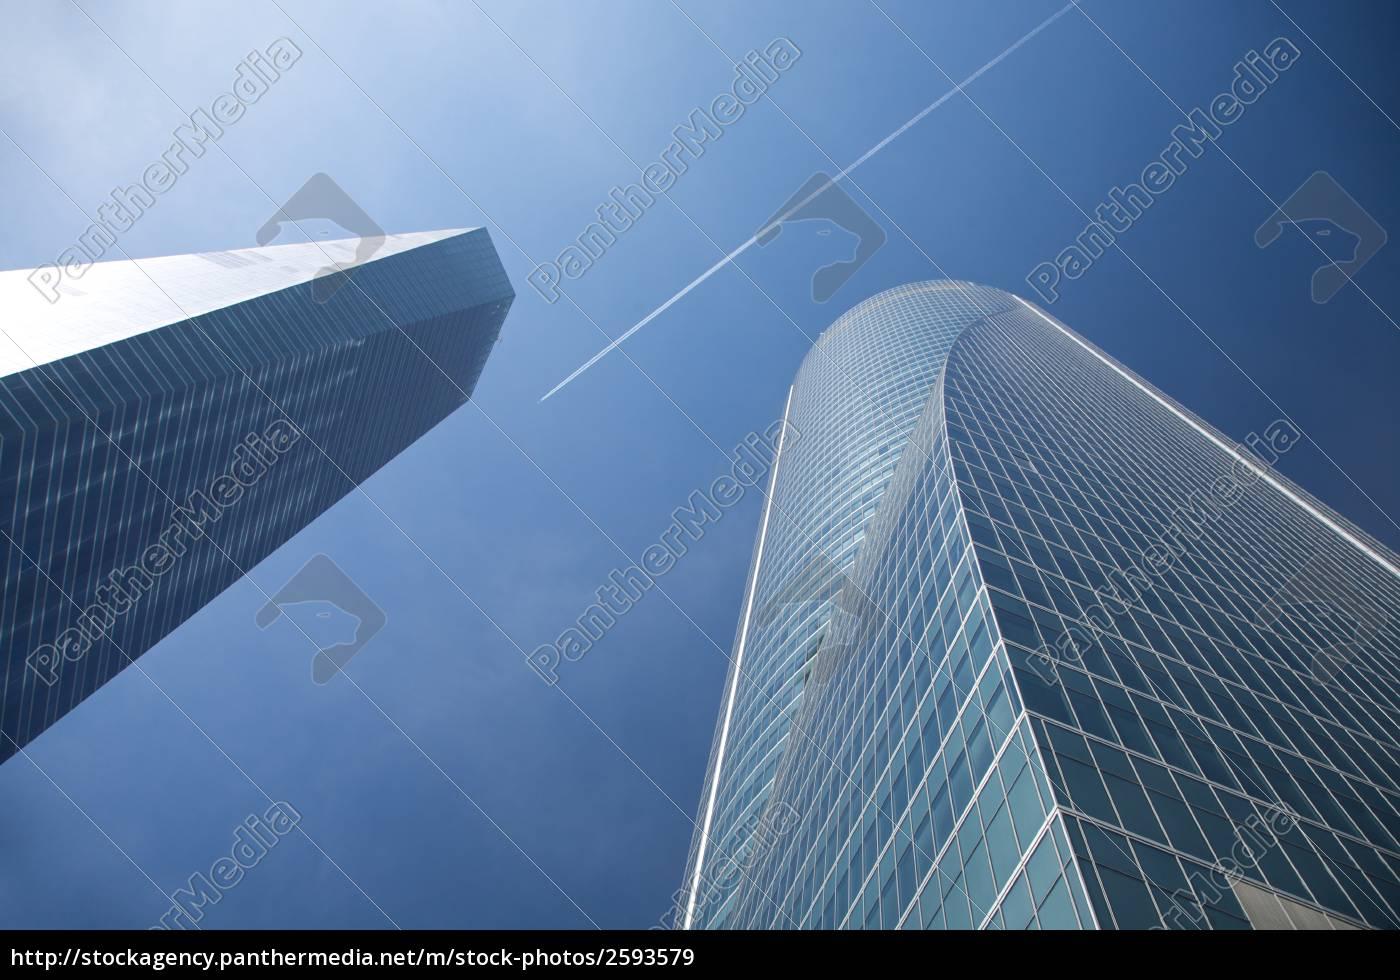 latanie, między, wieżowce - 2593579